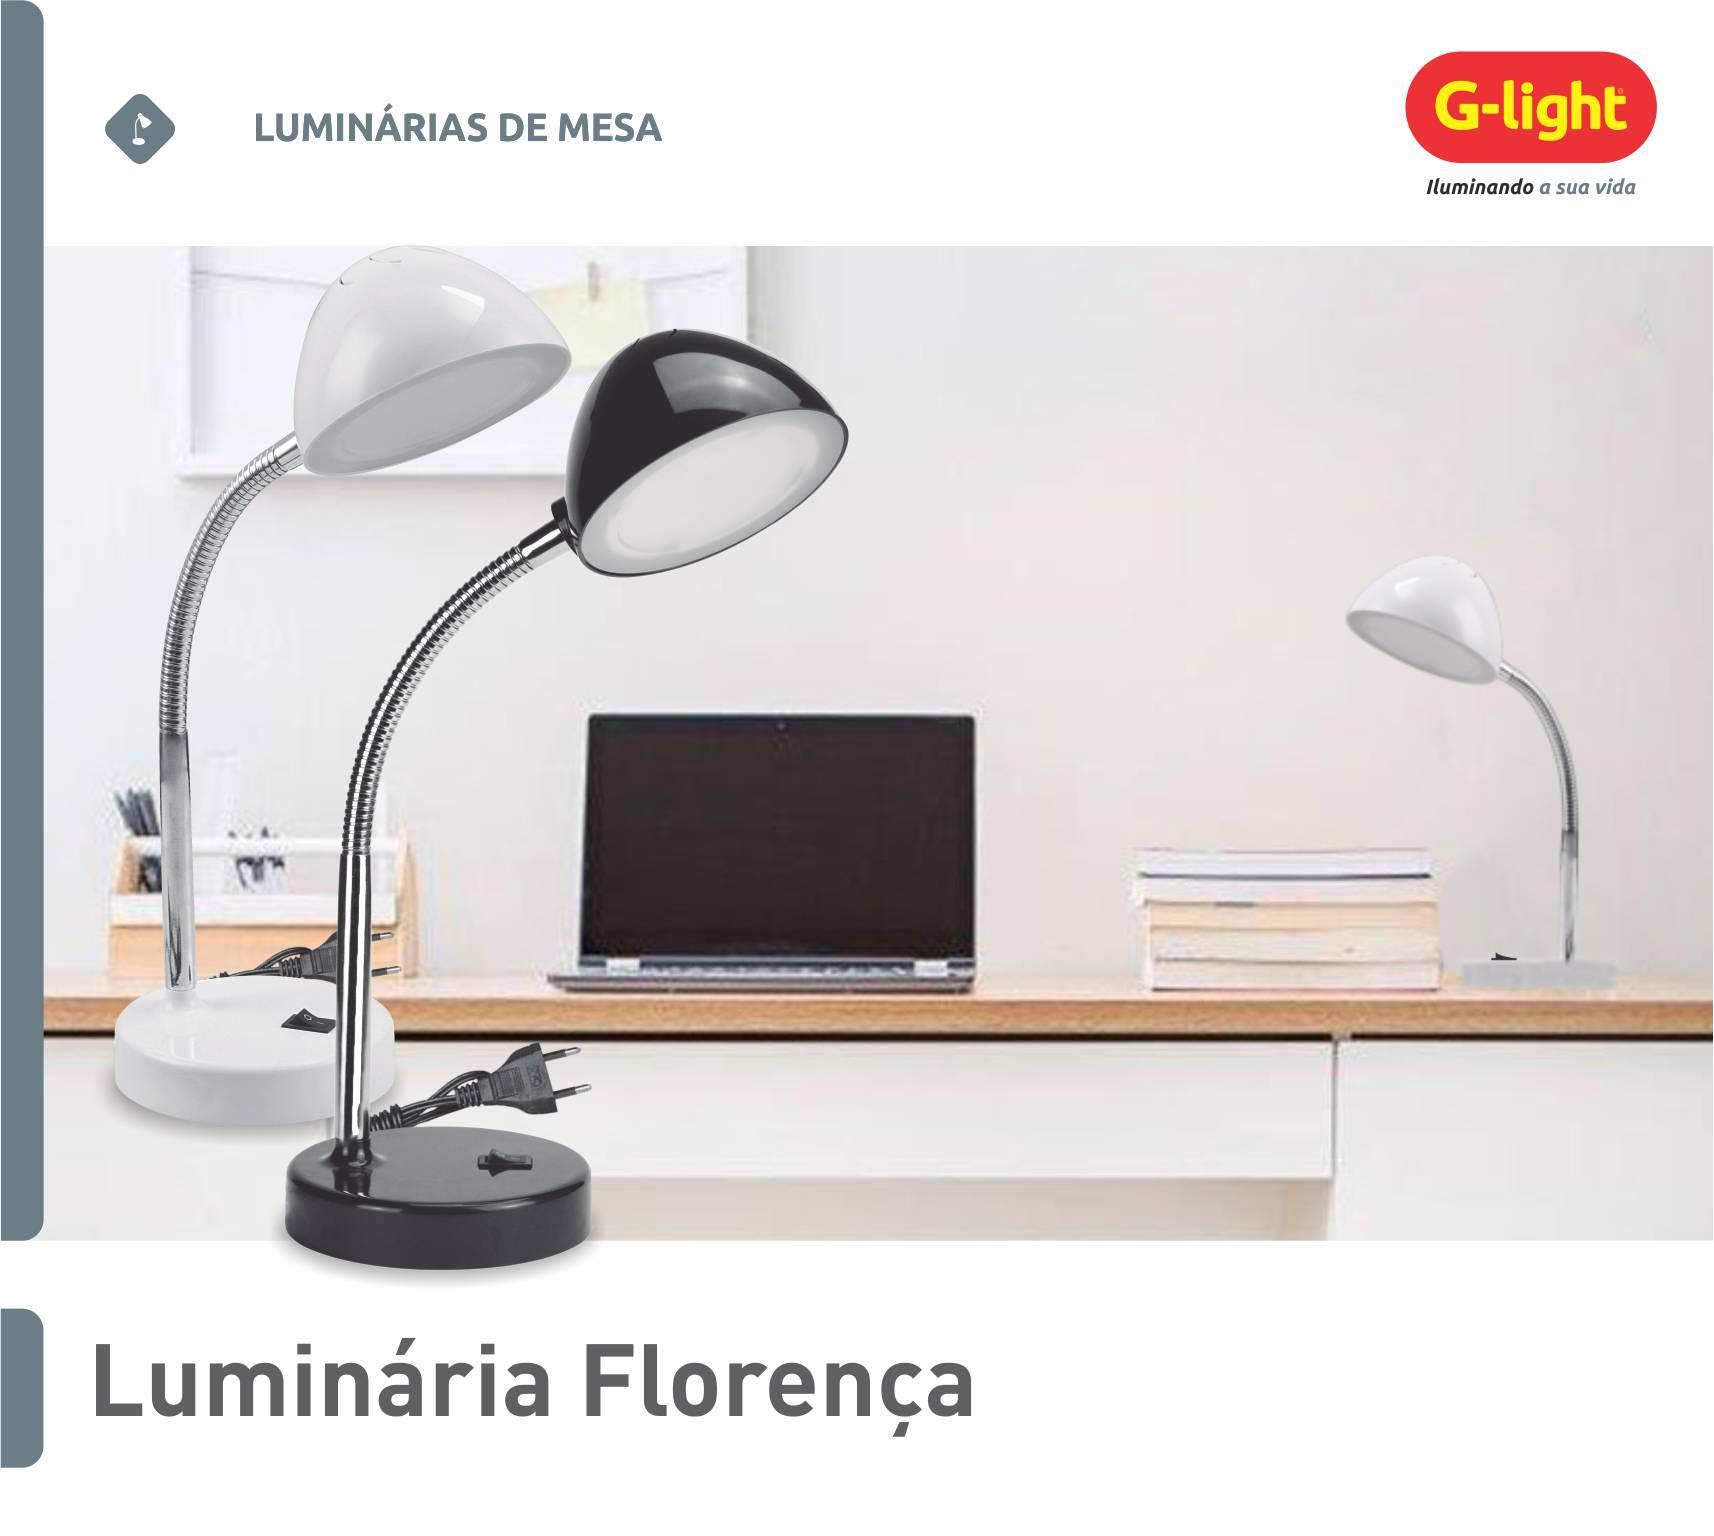 Luminária Florença